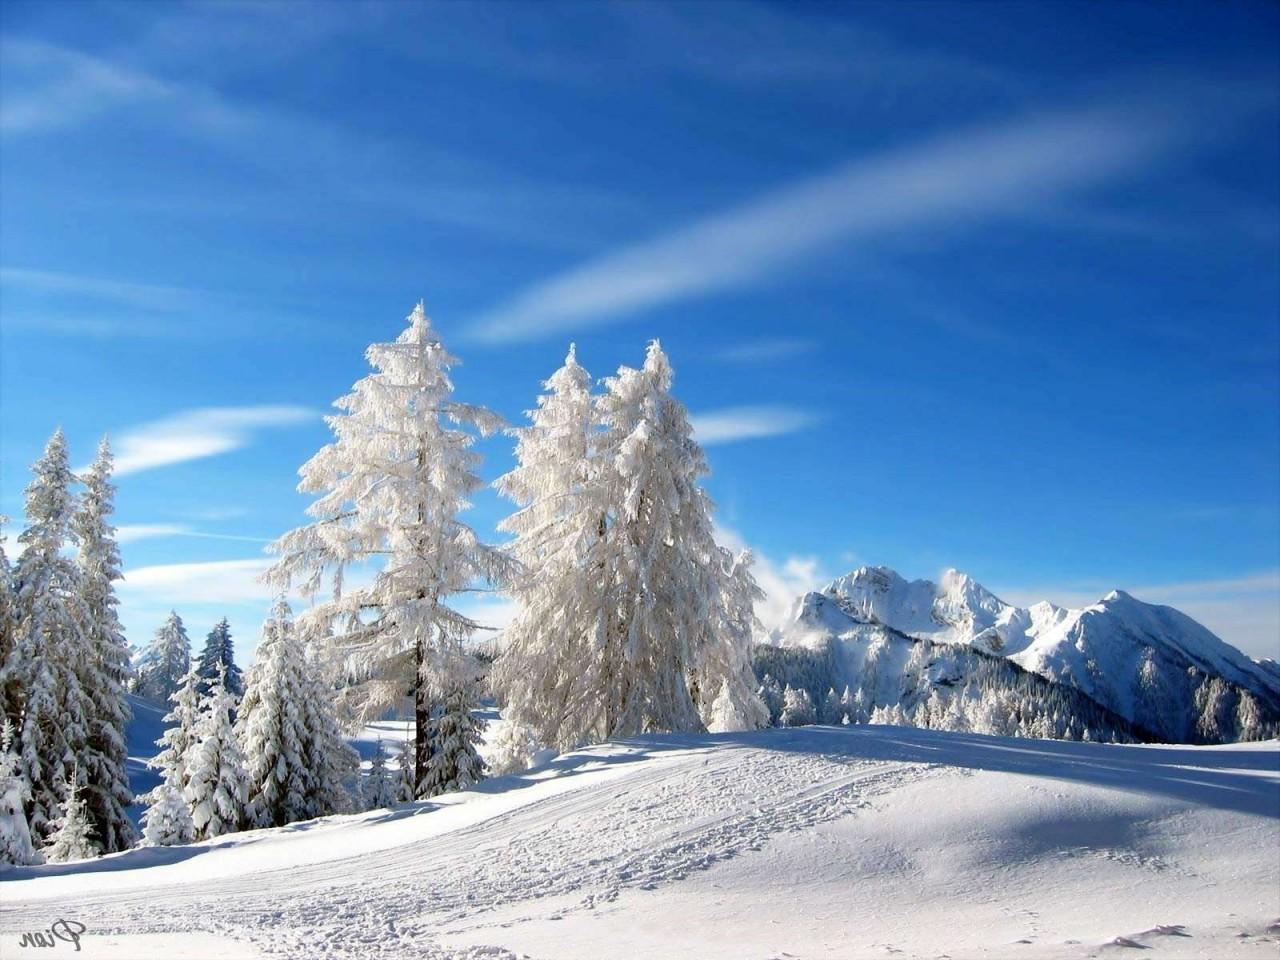 обои зима на рабочий стол пейзаж № 640748  скачать